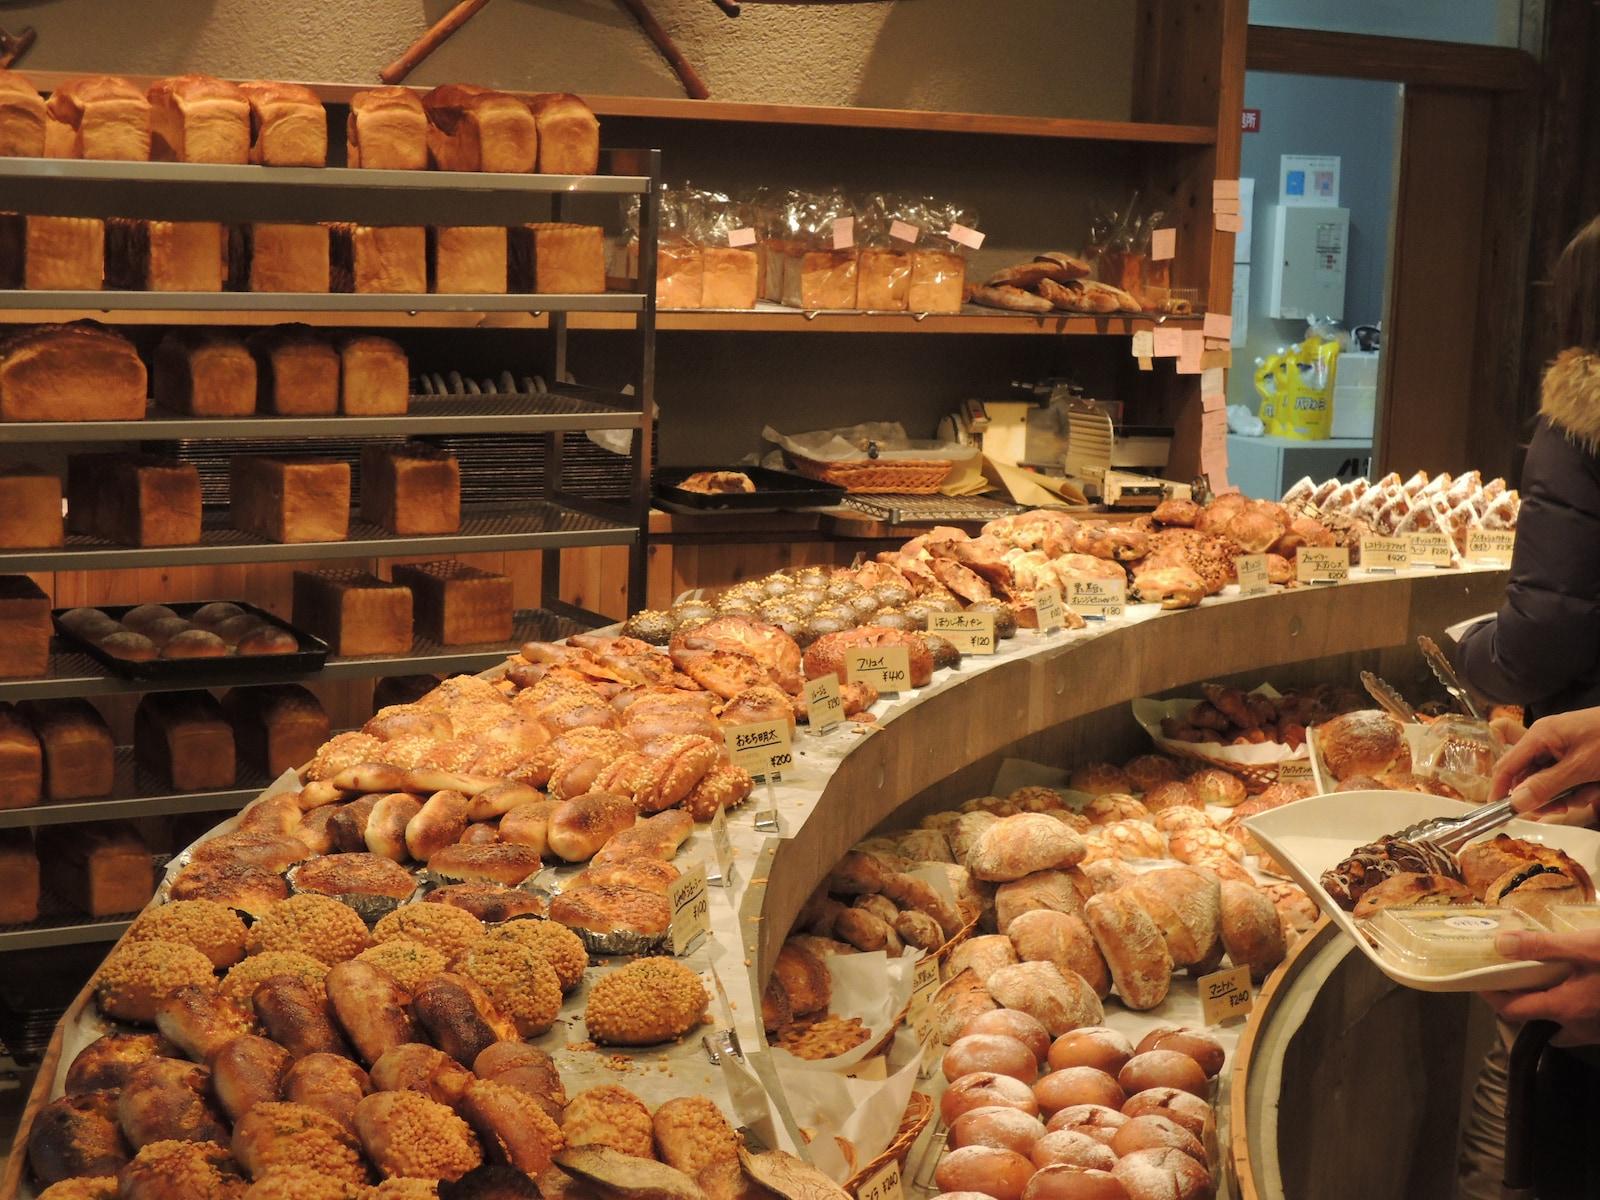 京都・宇治の人気パン店「たま木亭」厨房と売場を一新